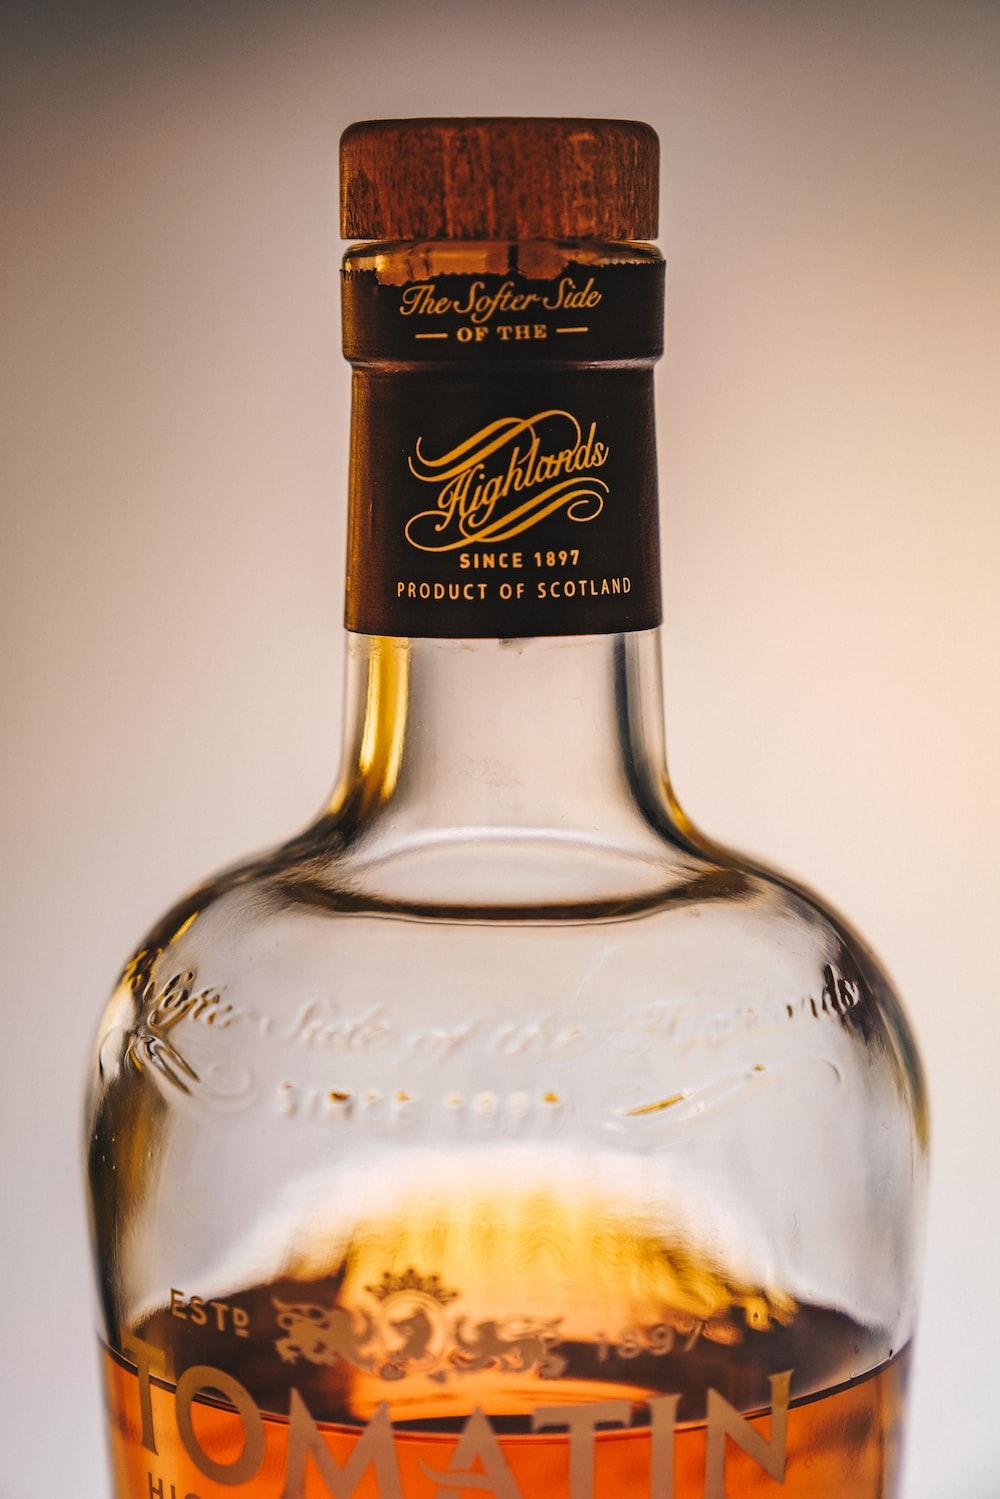 Tomatin liquor bottle